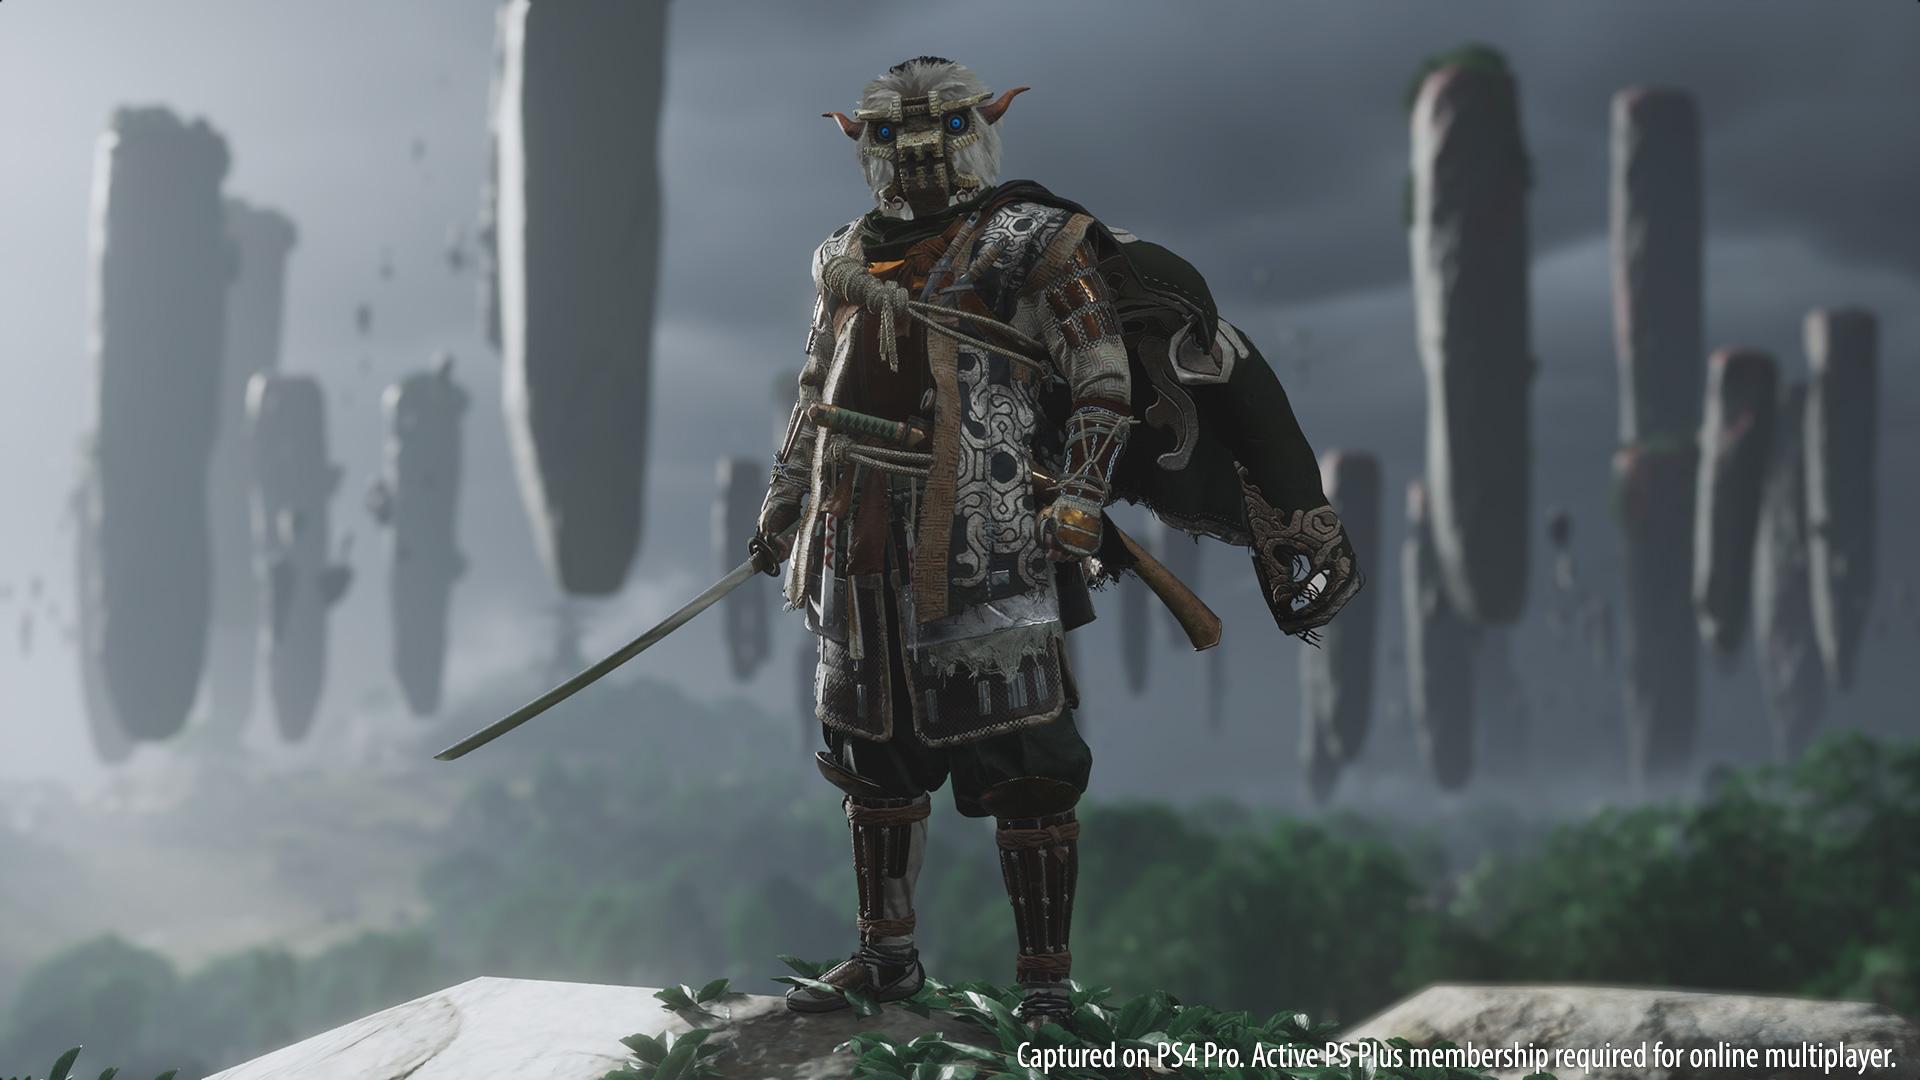 《对马岛之鬼》公布新服装 索尼四大形象乱入